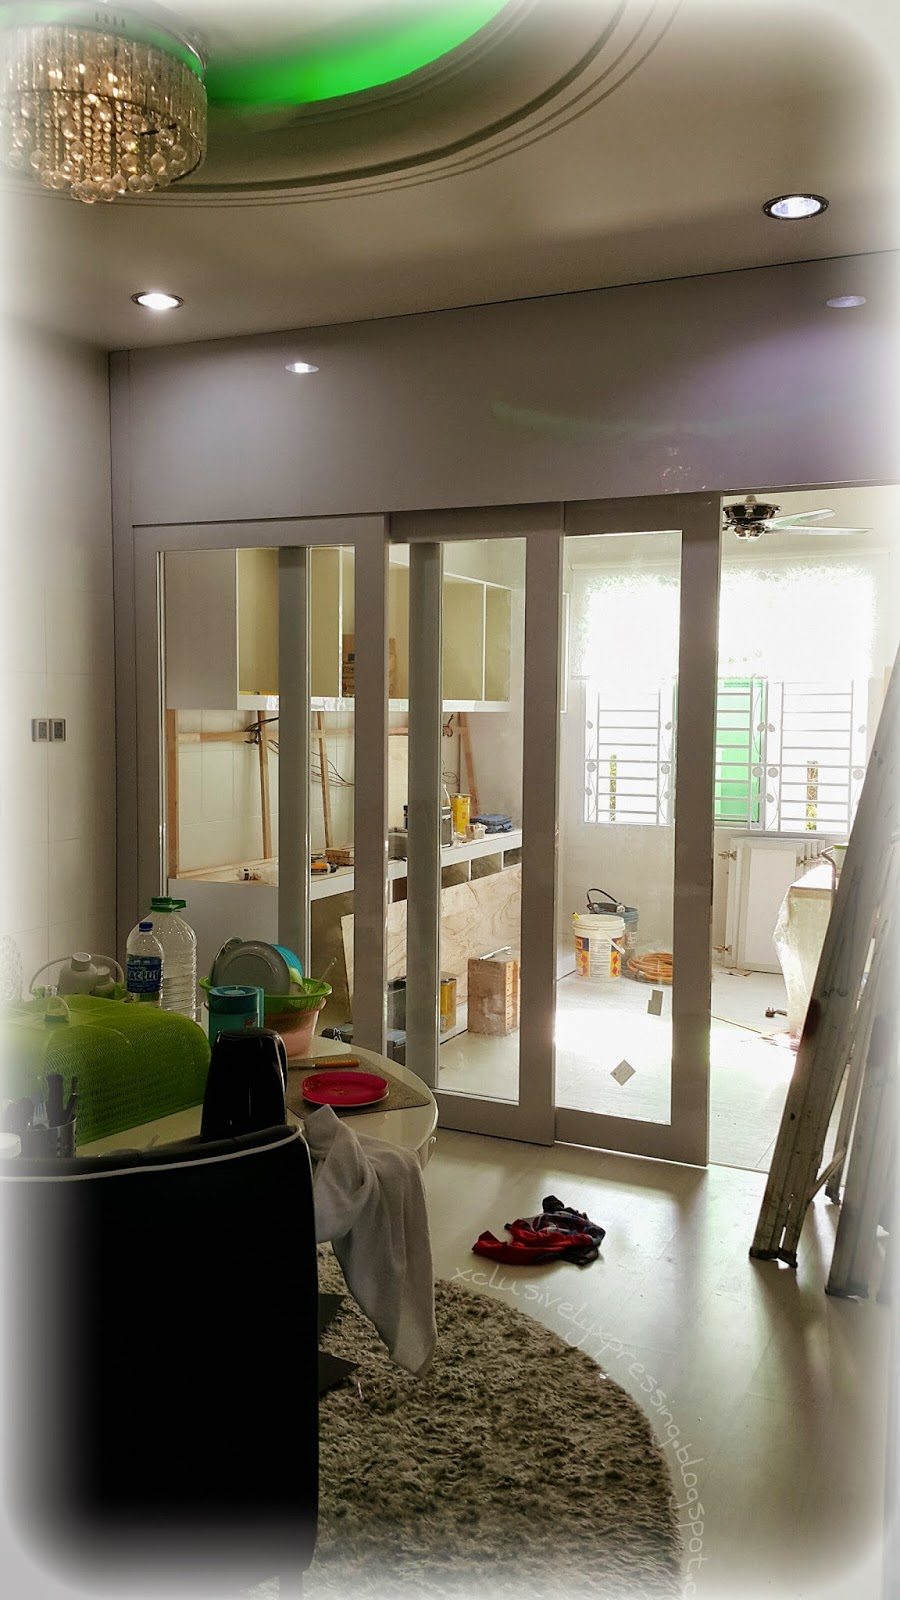 Ruang Antara Lantai Kayu Dan Tiles Dapur Tu Yang Saya Berangan Nak Pasang Indoor Sliding Door